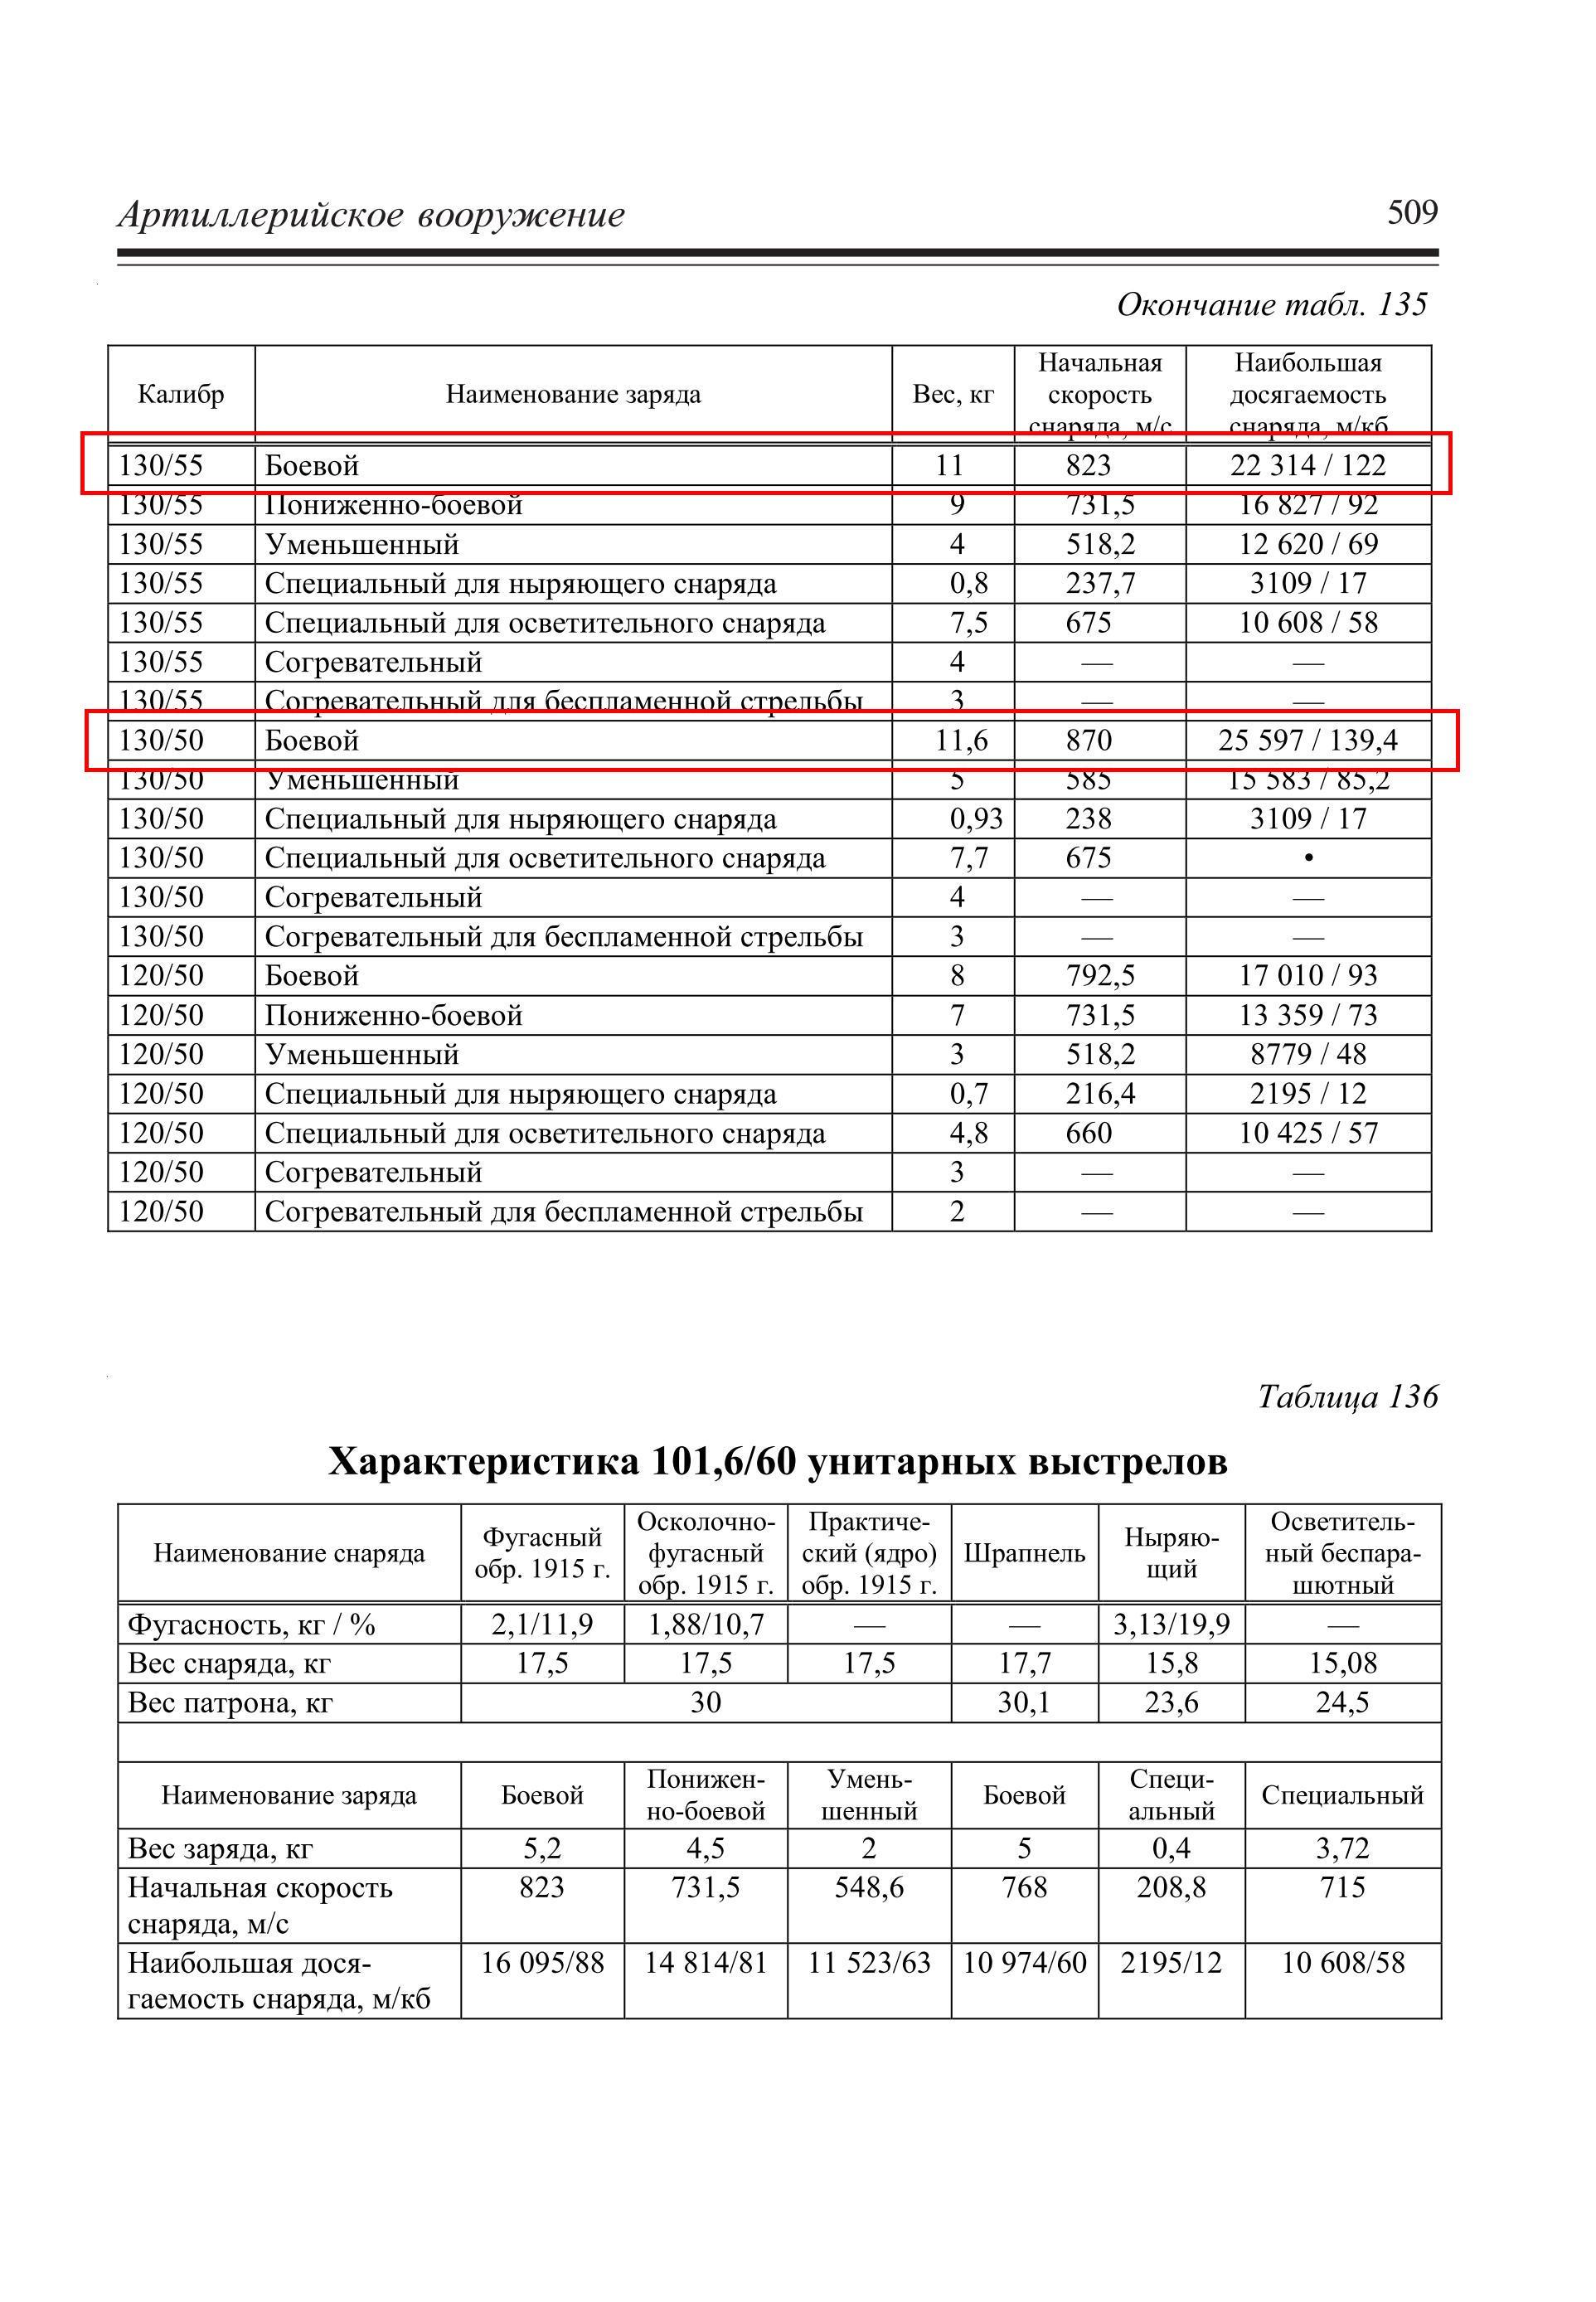 Энциклопедия советских надводных кораблей_01.jpg